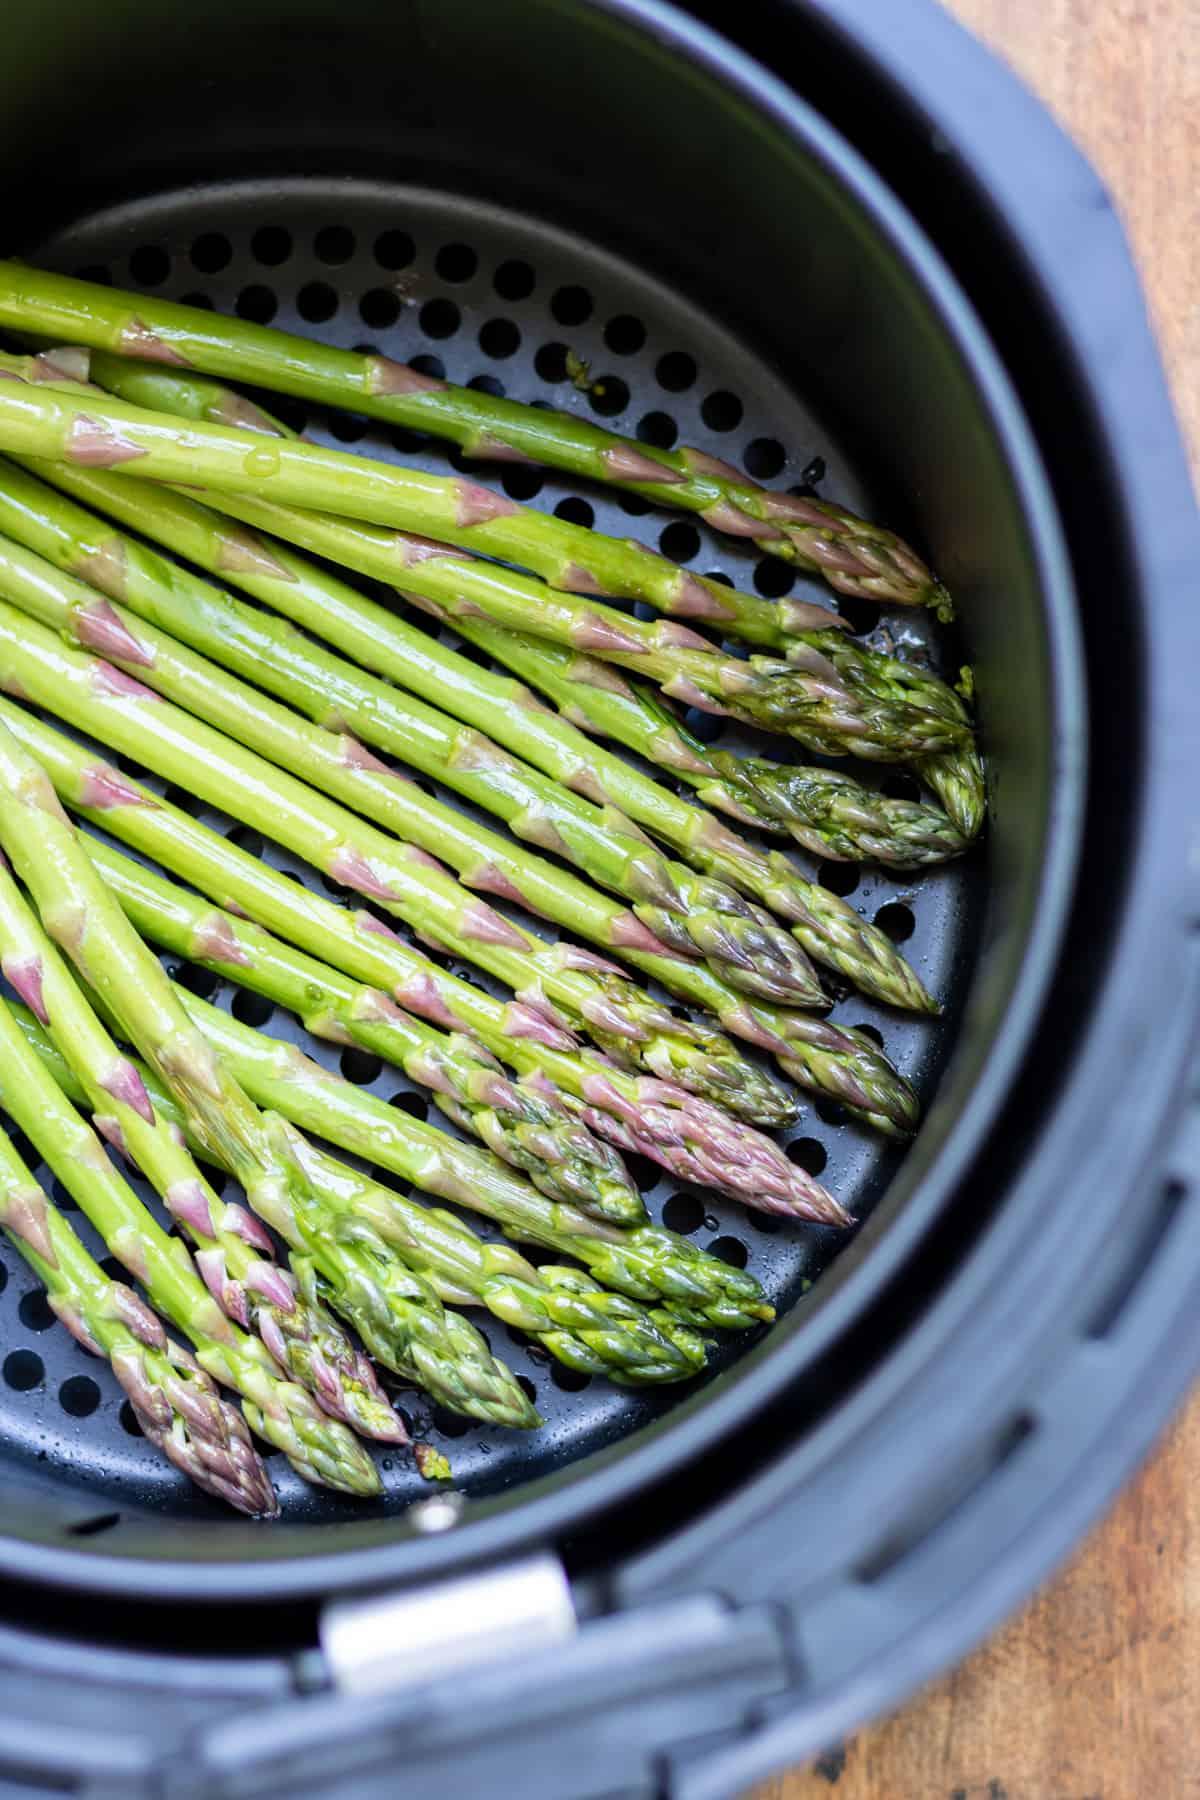 Asparagus in an air fryer basket.